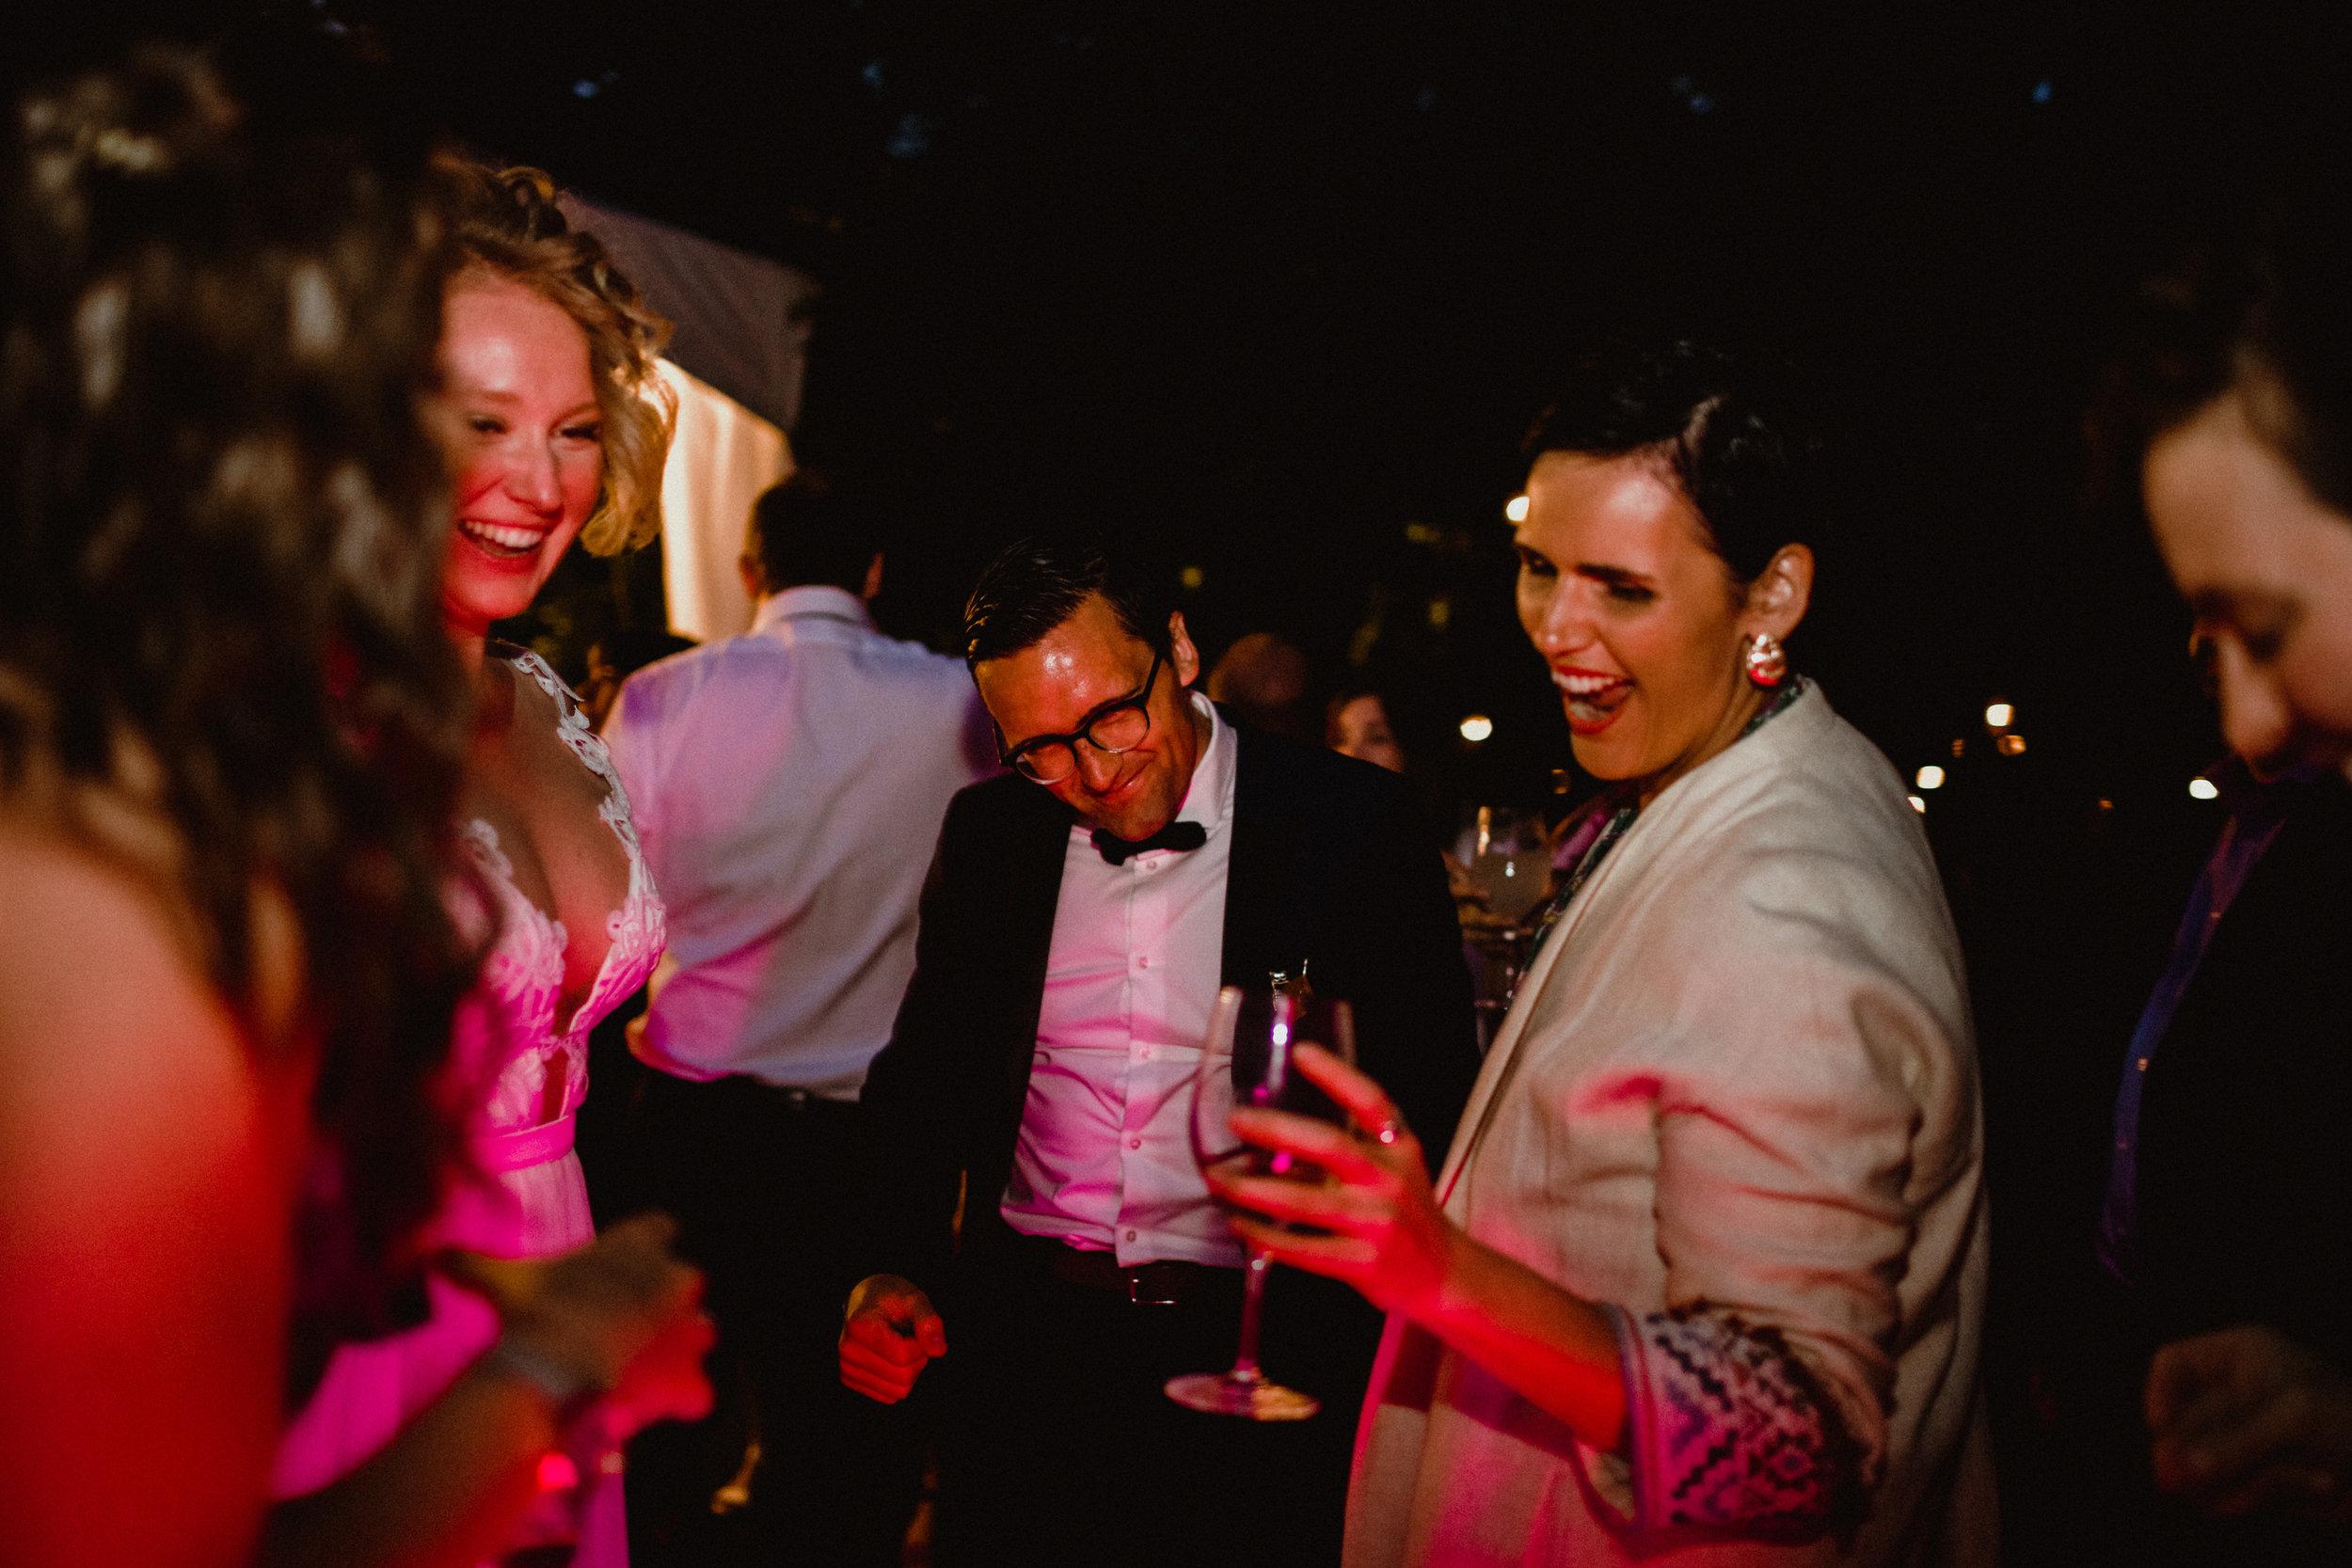 west-vancouver-backyard-wedding-322.jpg